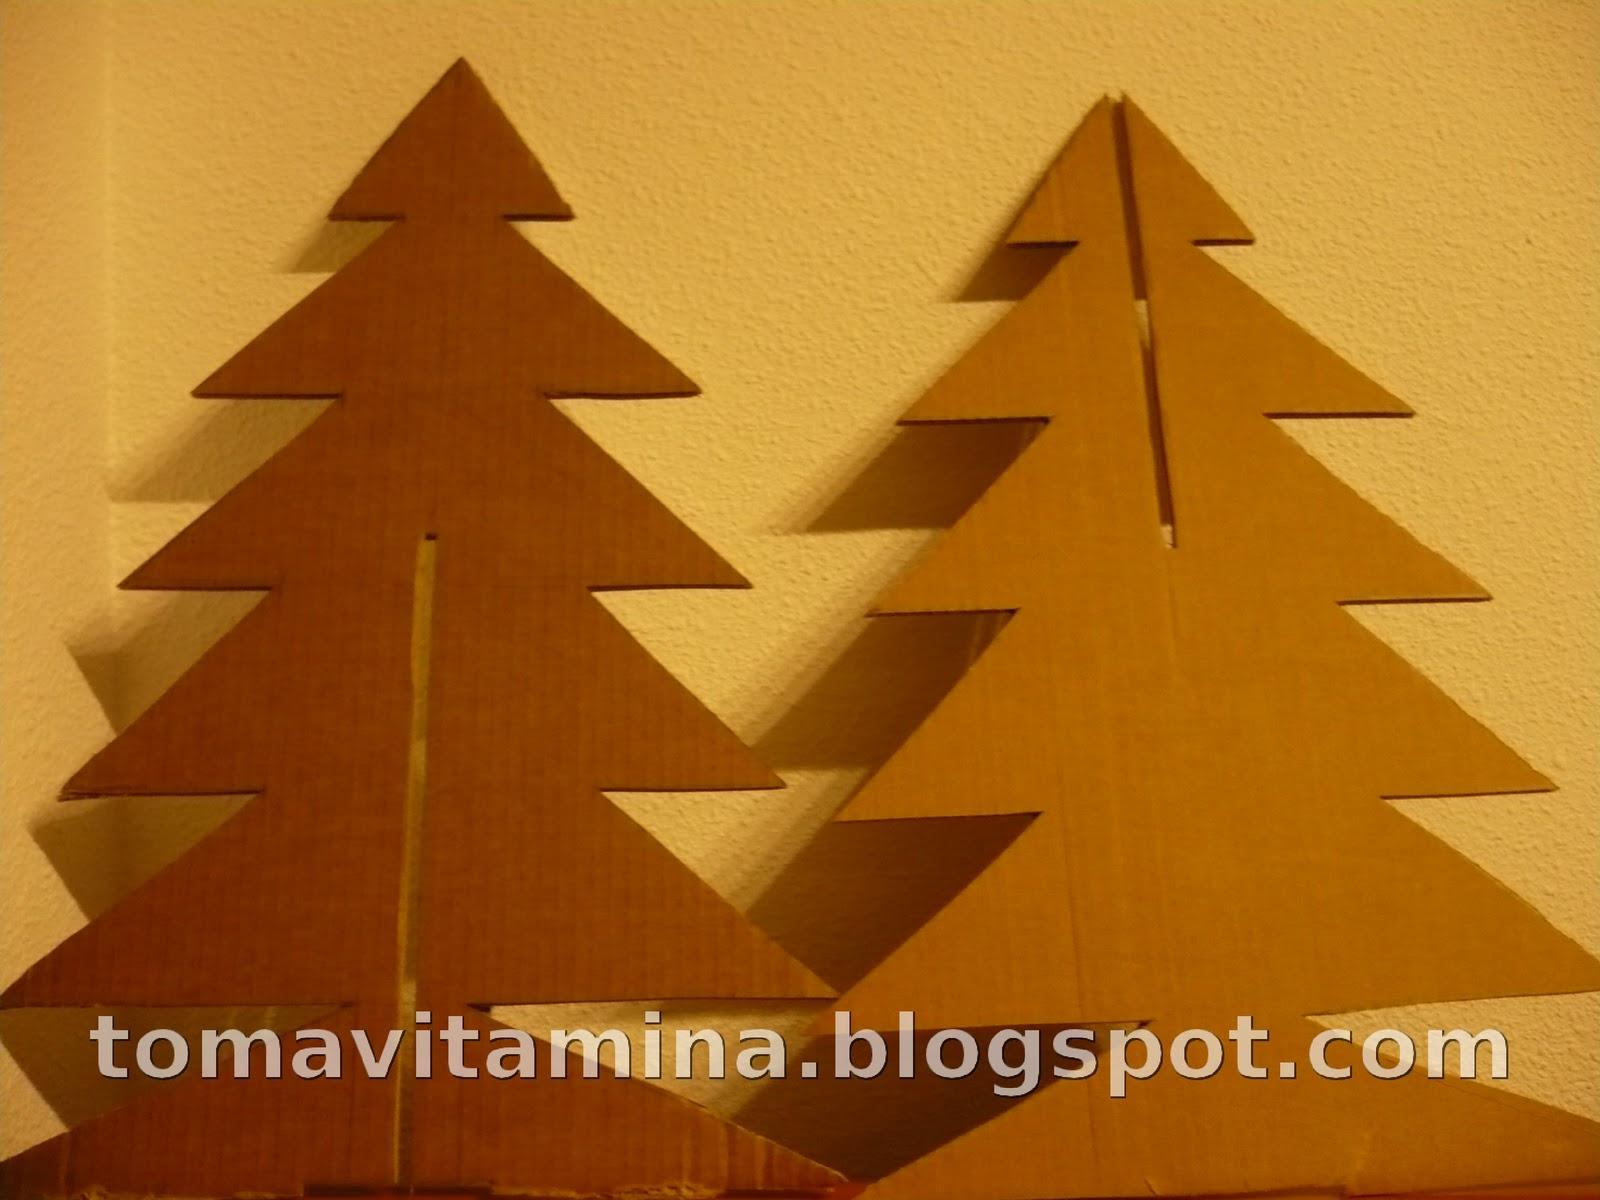 Toma vitamina tutorial rbol de navidad con cart n for Arbol de navidad con cajas de carton